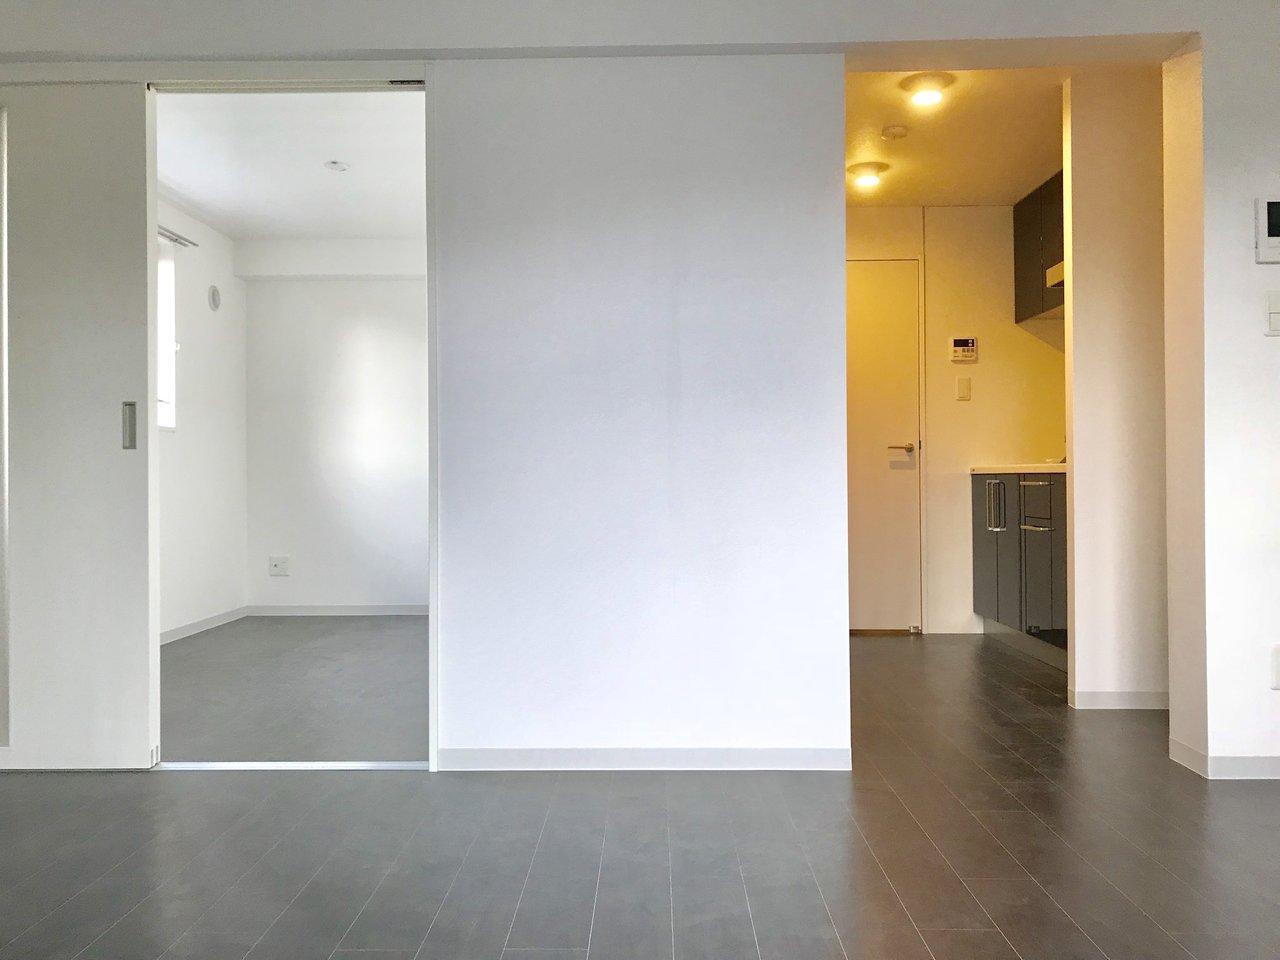 モノトーンでメリハリの効いた内装がかっこいいお部屋